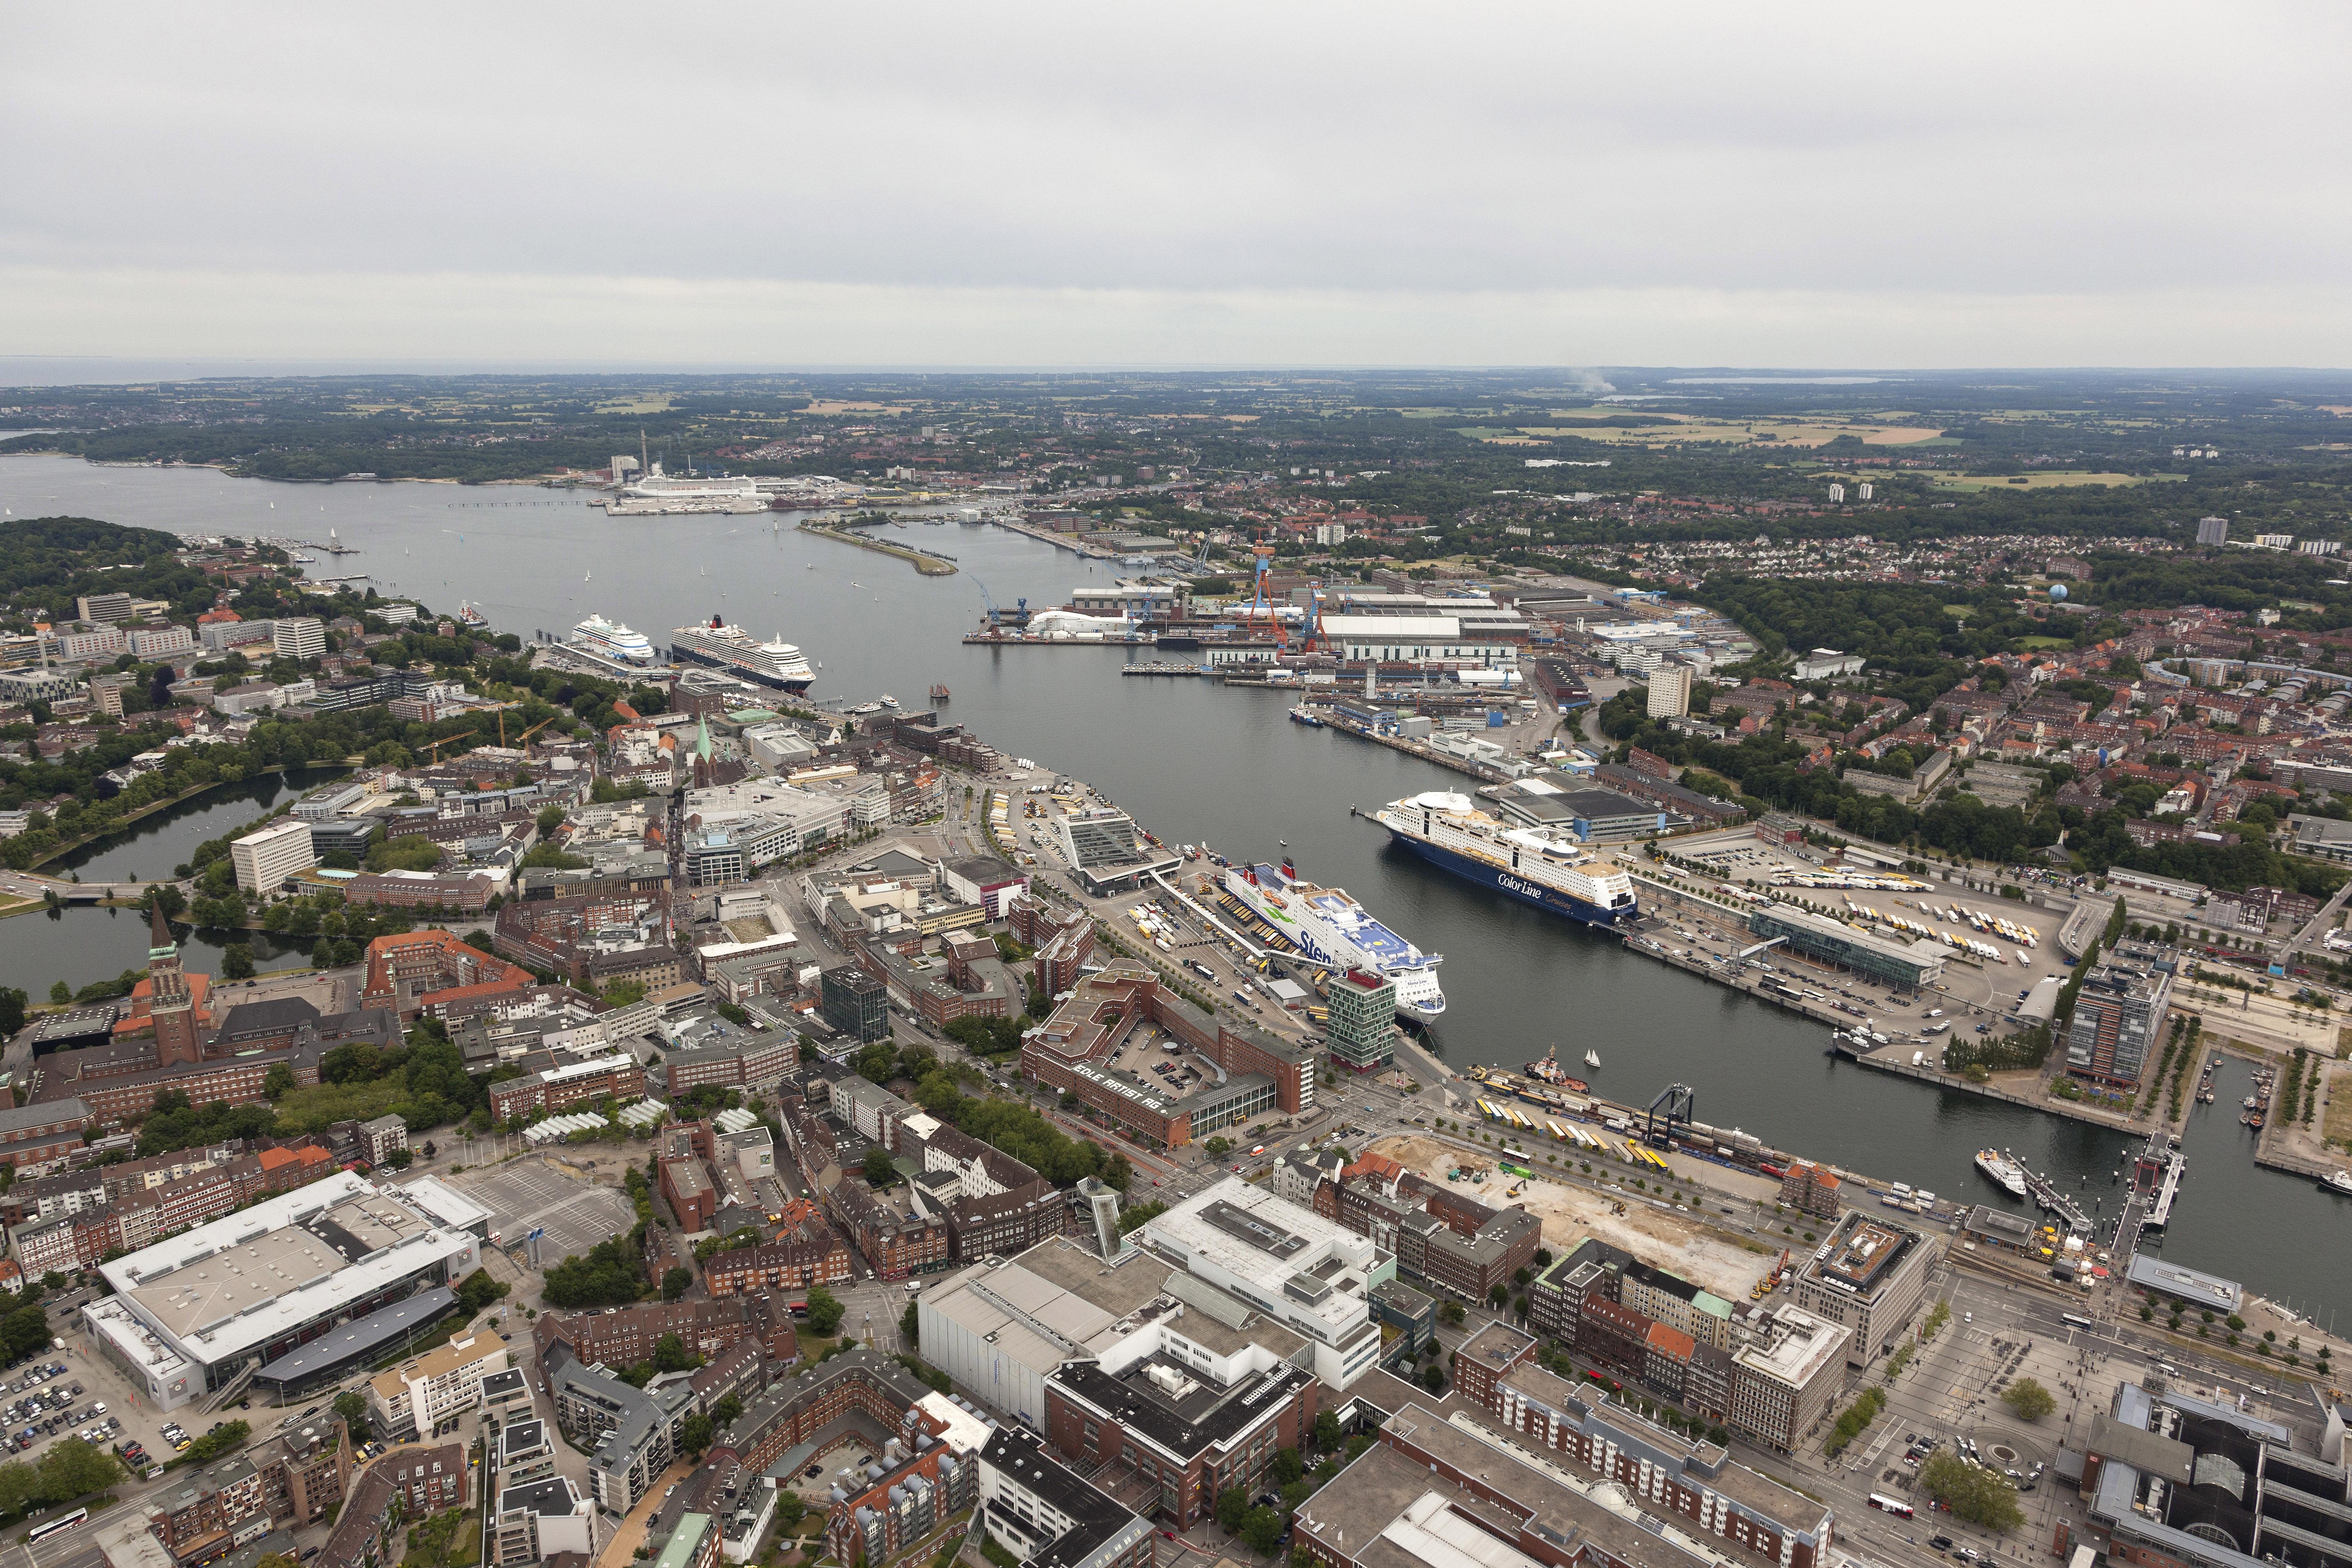 """Die """"Initiative gegen Kreuzfahrtschiffe"""" wird am Sonnabend, 13. Juli, in Kiel eine Demonstration veranstalten, die vom Ordnungsamt abgesegnet ist. Drei Kreuzfahrtschiffe sollen an diesem Tag im Kieler Hafen einlaufen."""